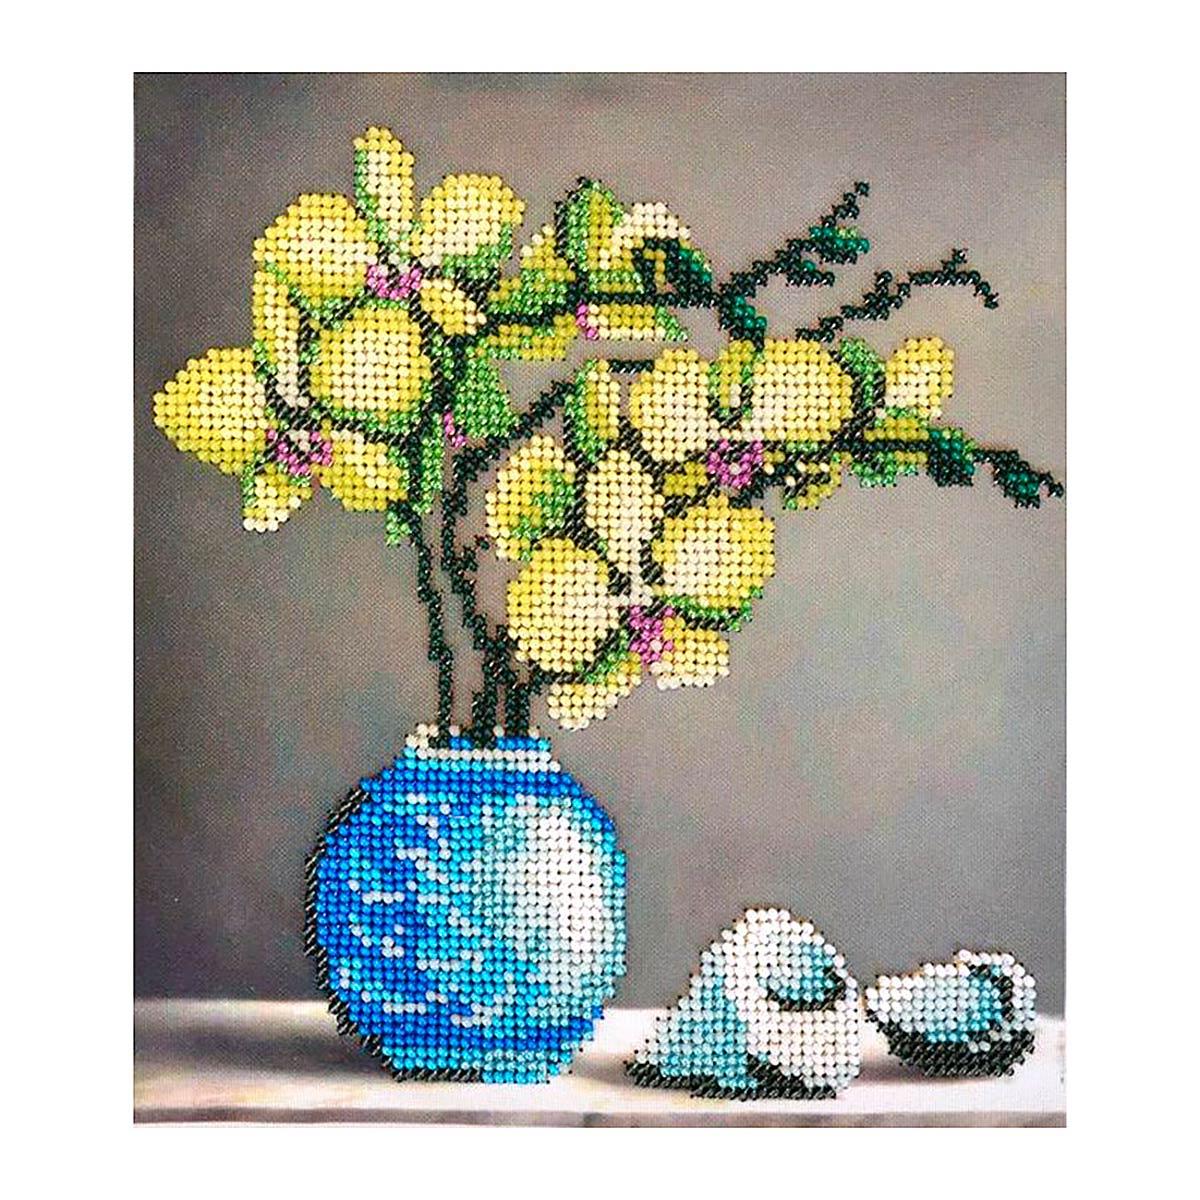 БН-3231 Набор для вышивания бисером Hobby&Pro 'Орхидеи' 17*20 см